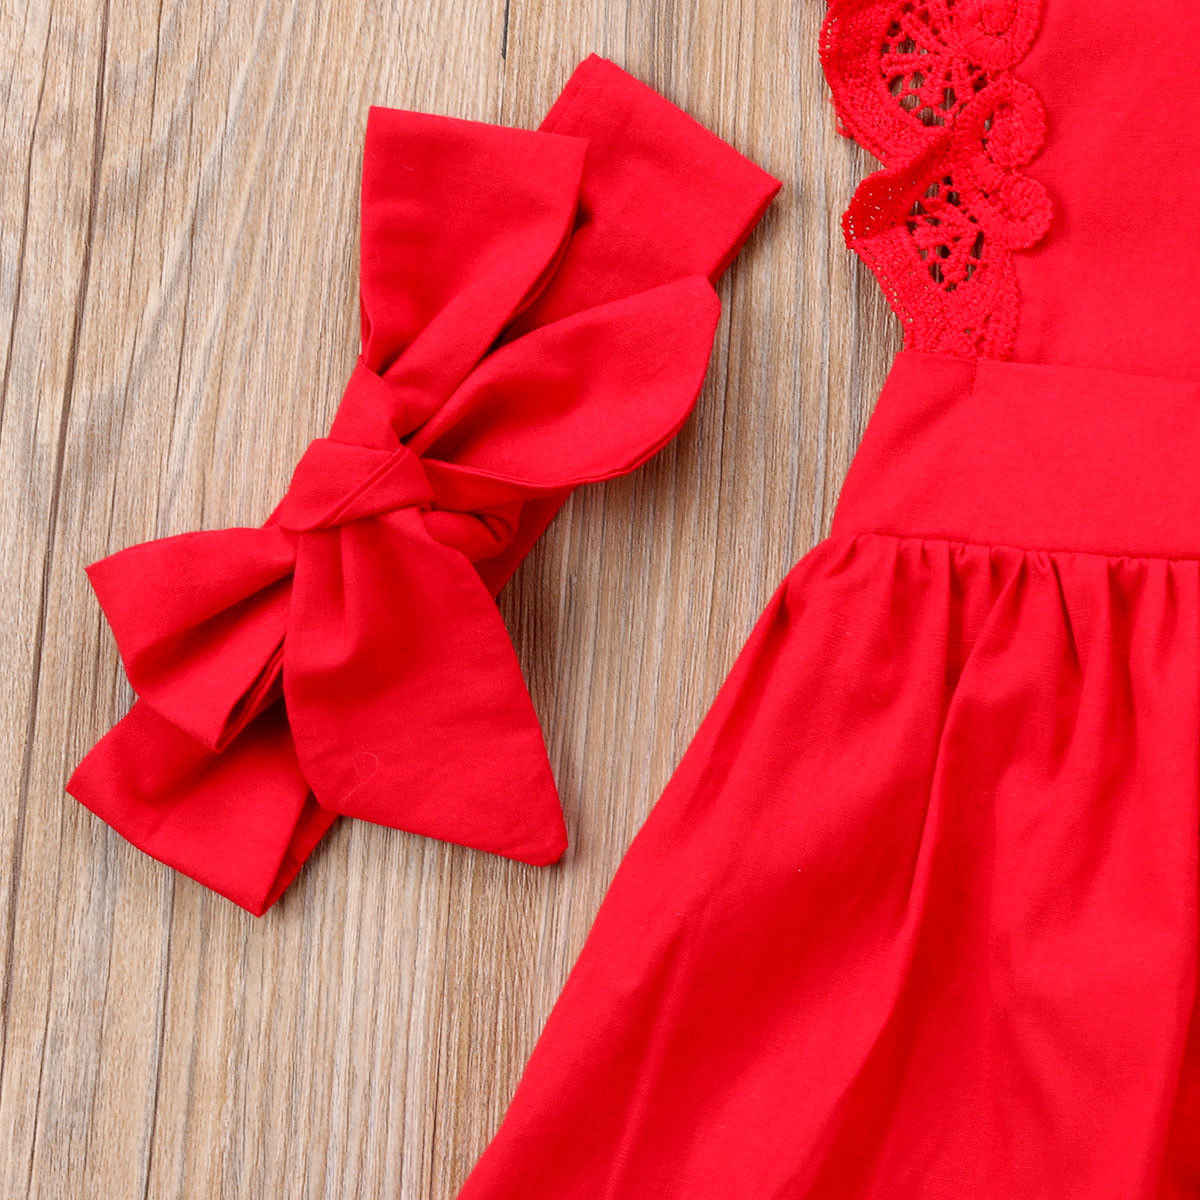 بوديكوكو 2020 طفل طفلة ملابس عيد الميلاد كشكش الأحمر الدانتيل رومبير فستان الأميرة فساتين حفلة عيد الميلاد ملابس خروج